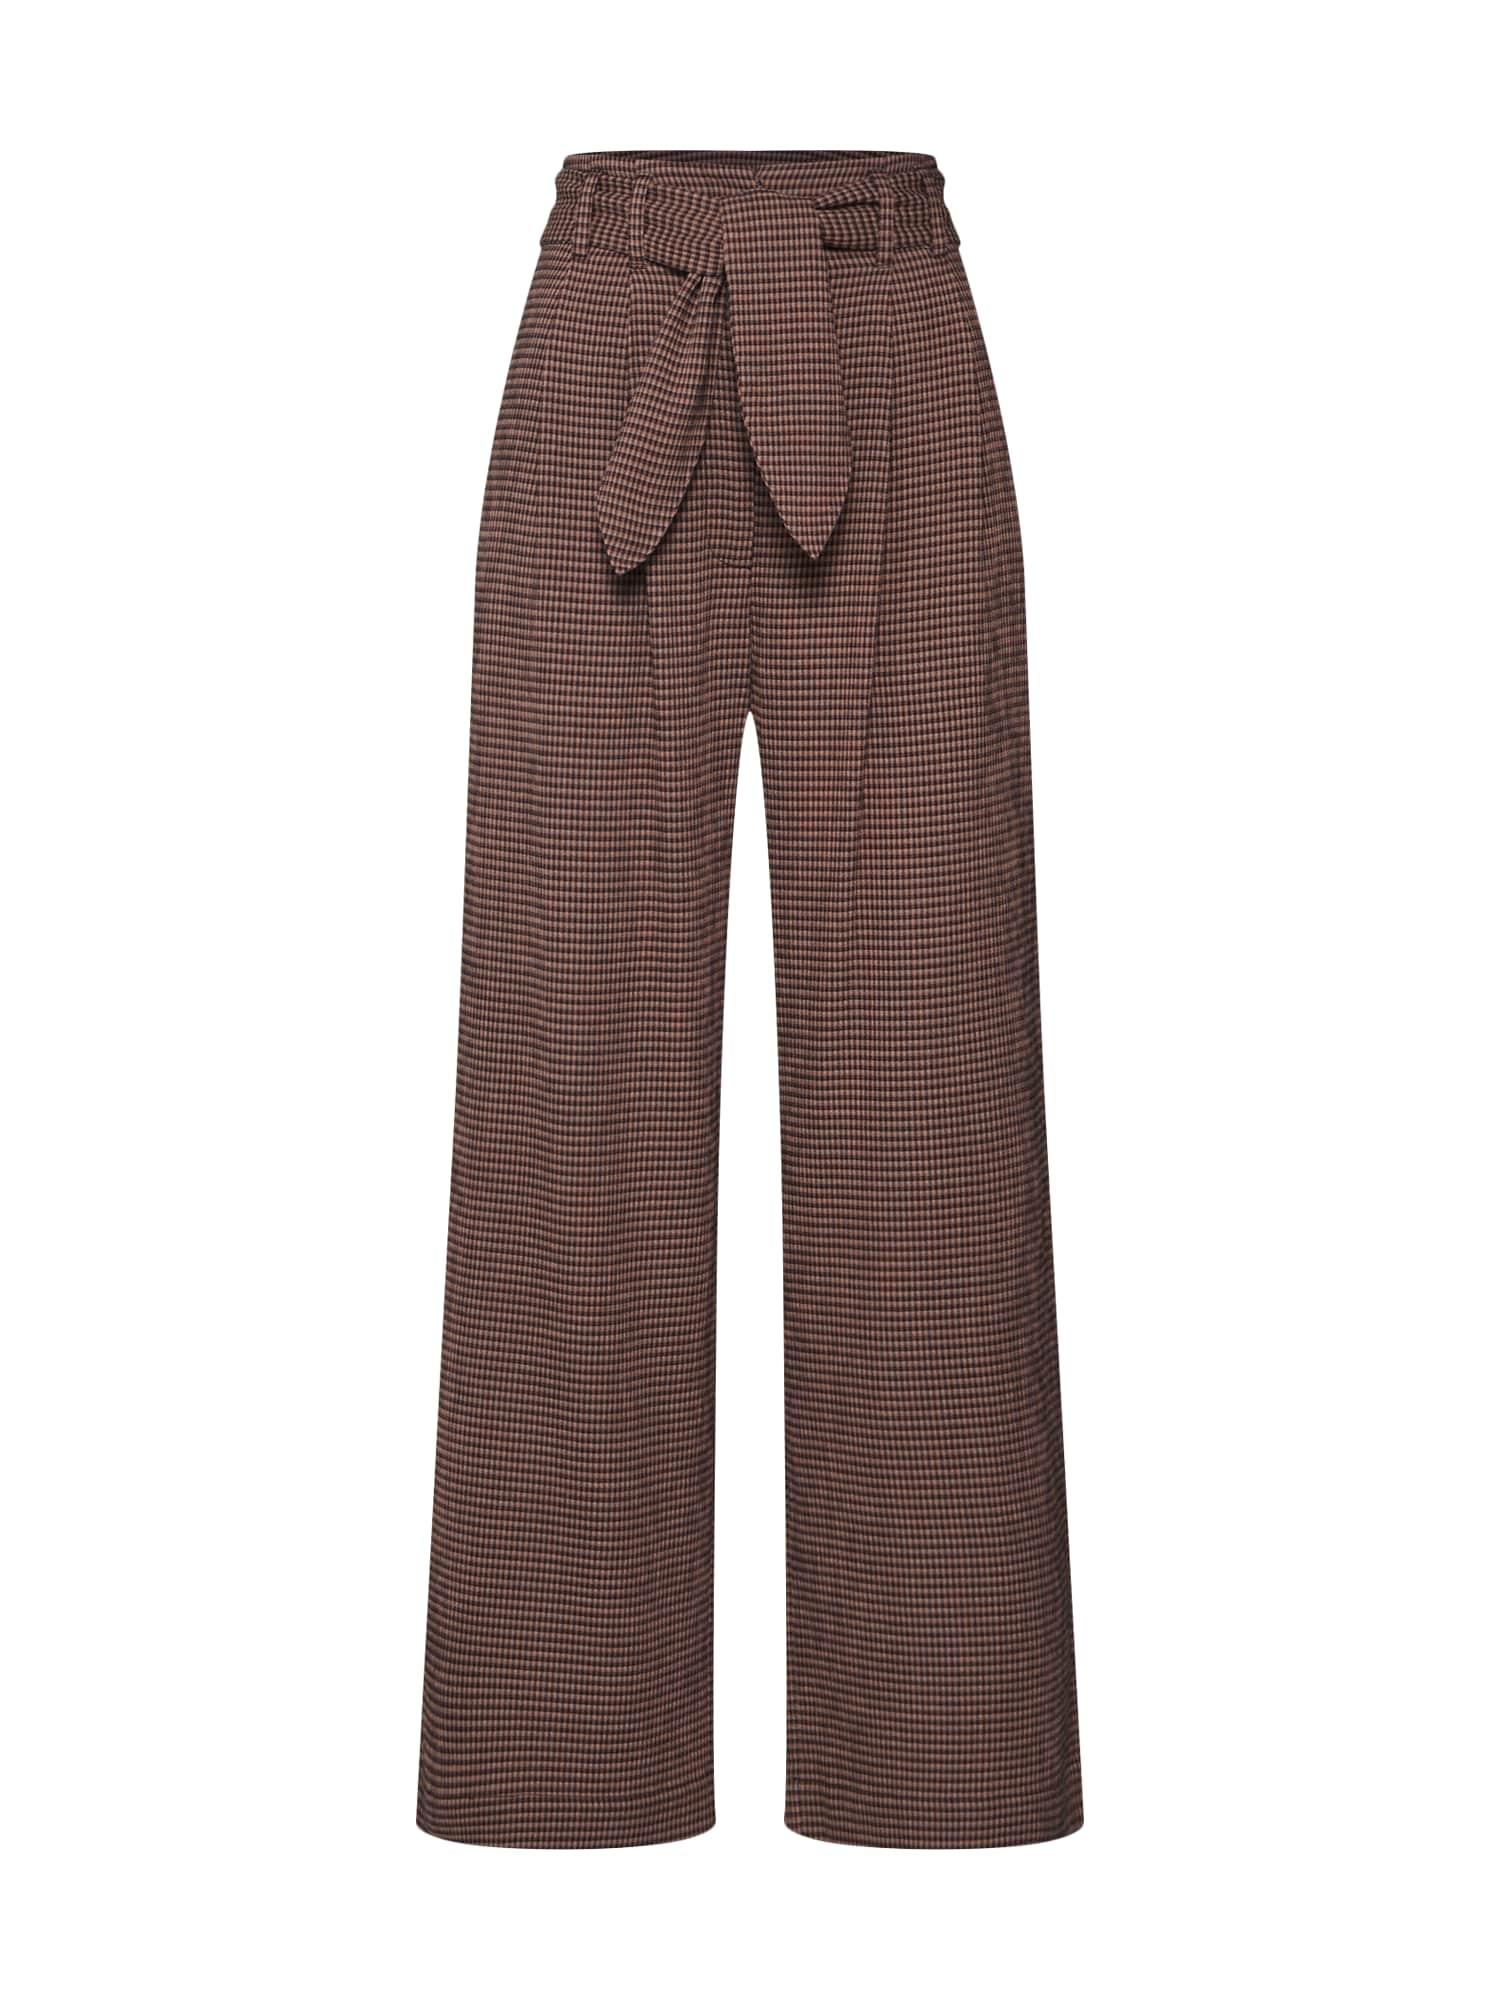 Samsoe Samsoe Klostuotos kelnės 'Nellie 11238' ruda